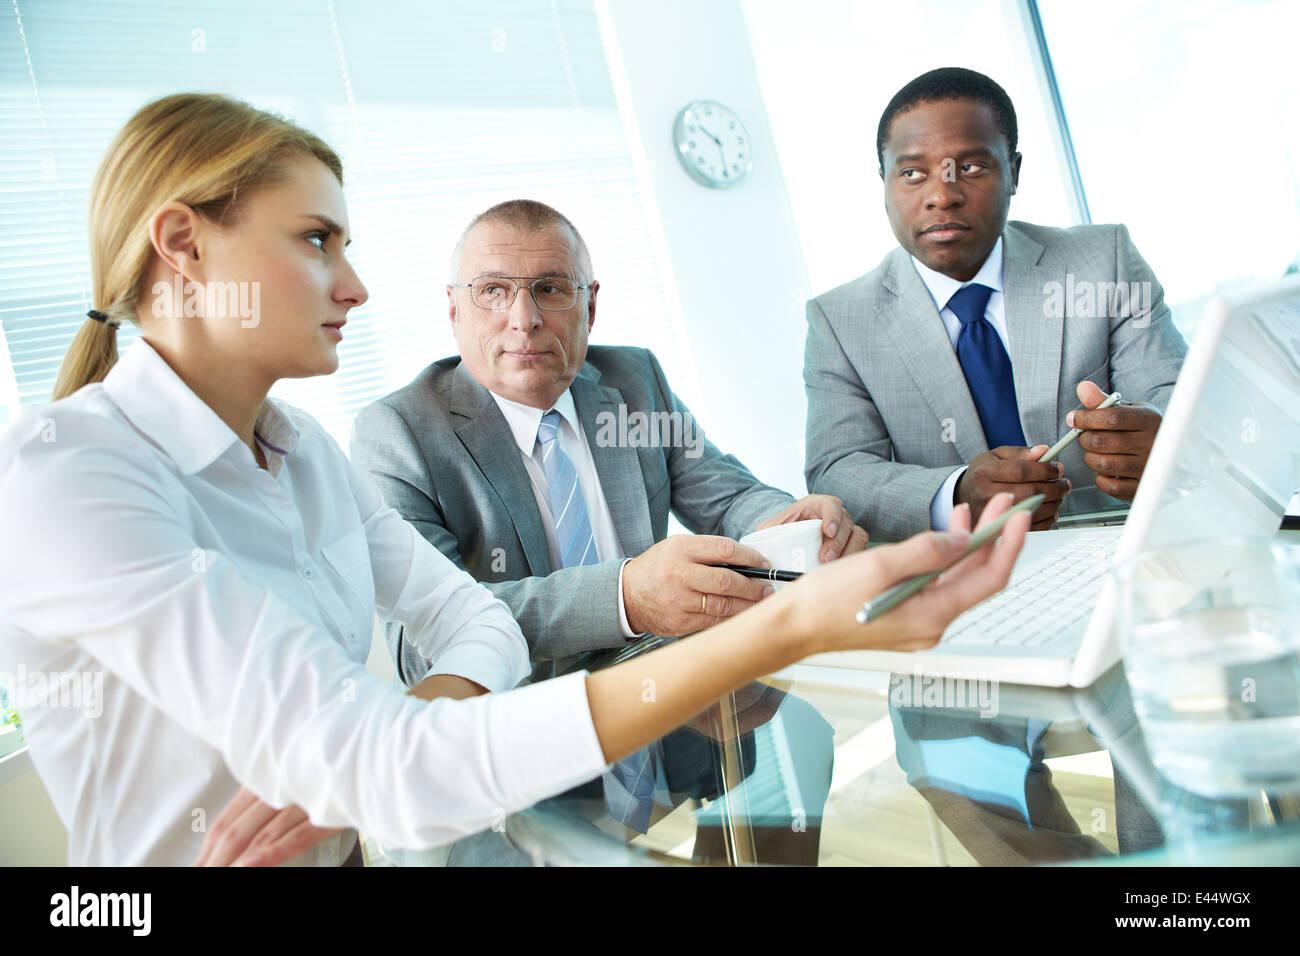 Porträt von hübschen Sekretärin zeigt auf Laptop-Bildschirm etwas zu ihrem Chef und Kollegen zu erklären Stockfoto